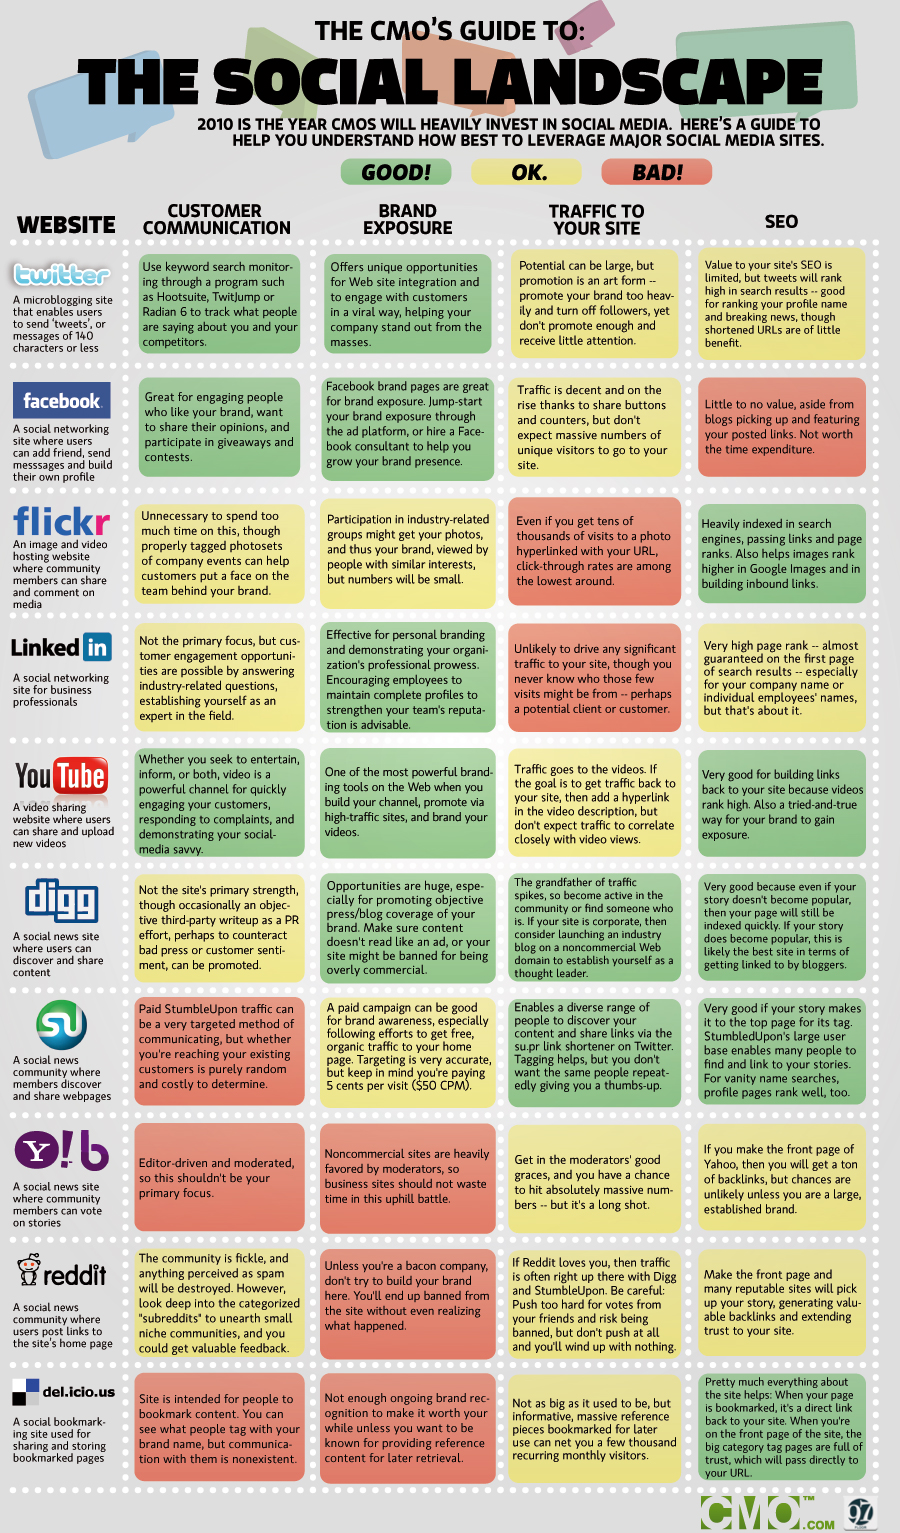 Interesantes gráficos sobre social media que vuelan por la Red